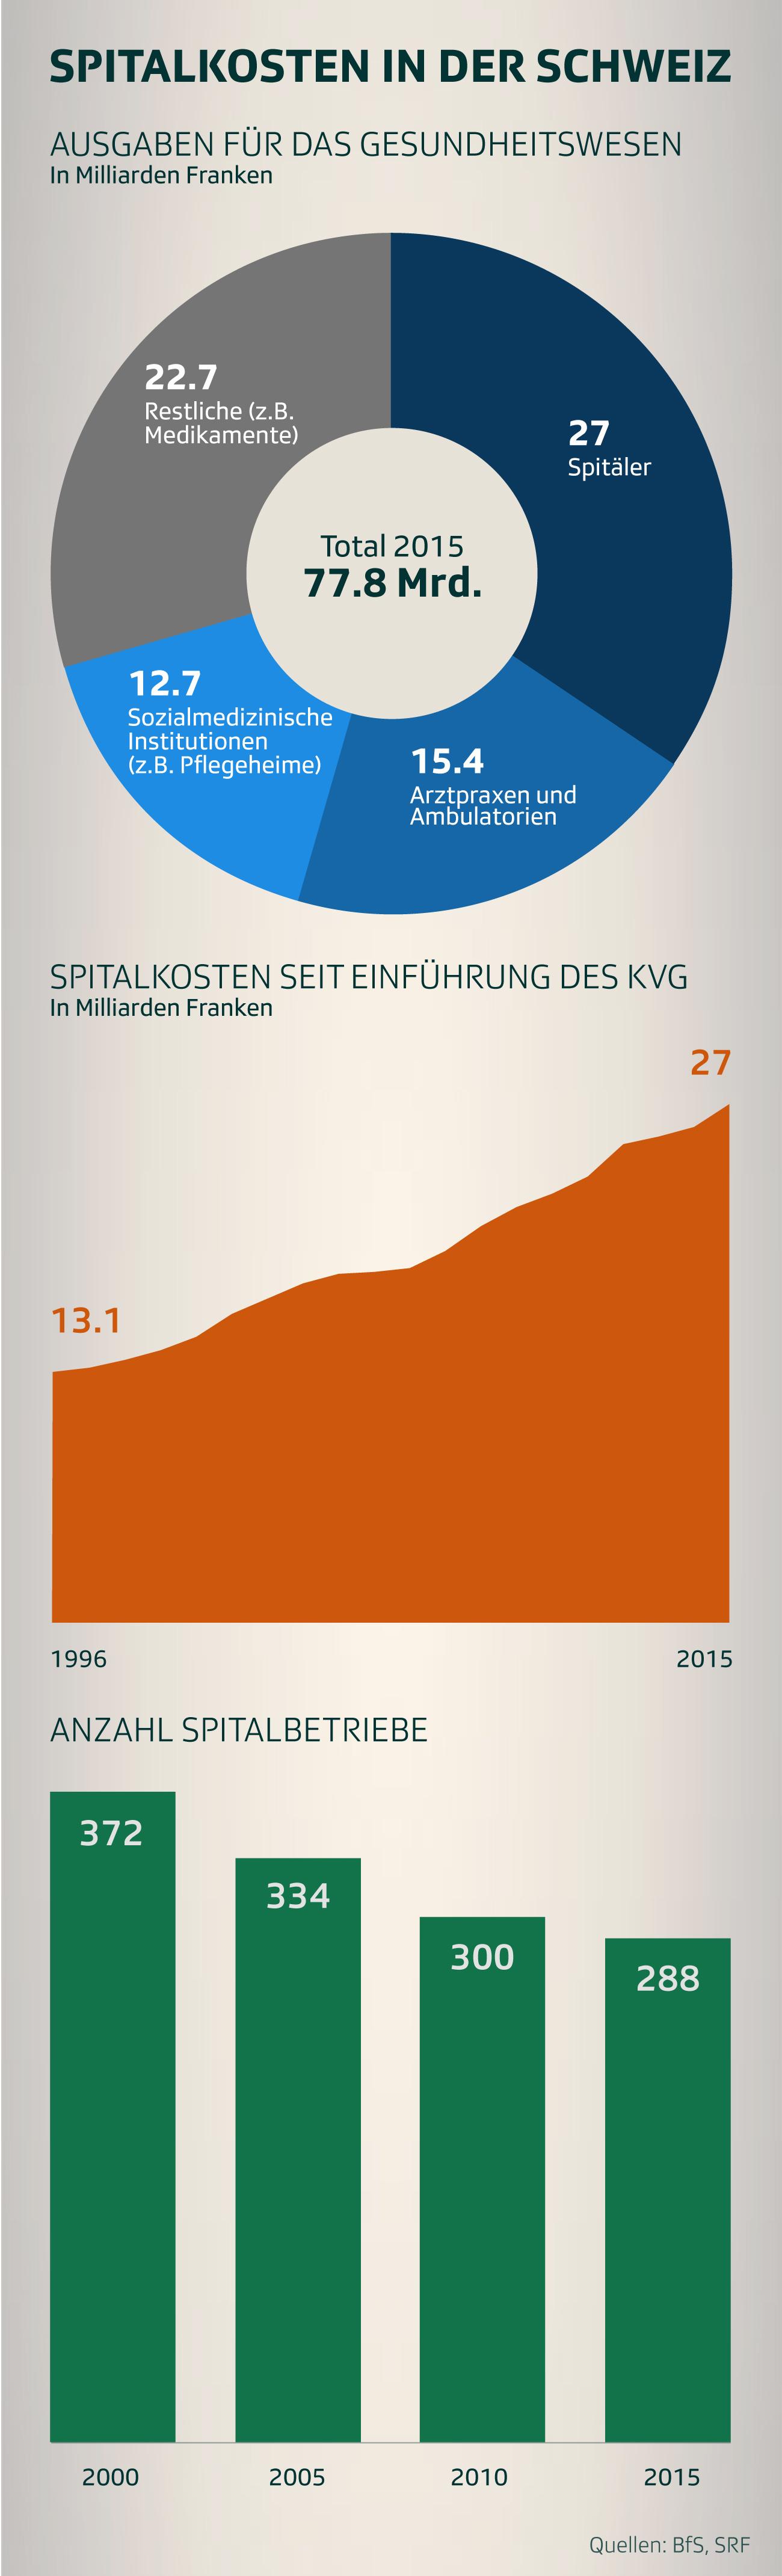 Spitalkosten in der Schweiz